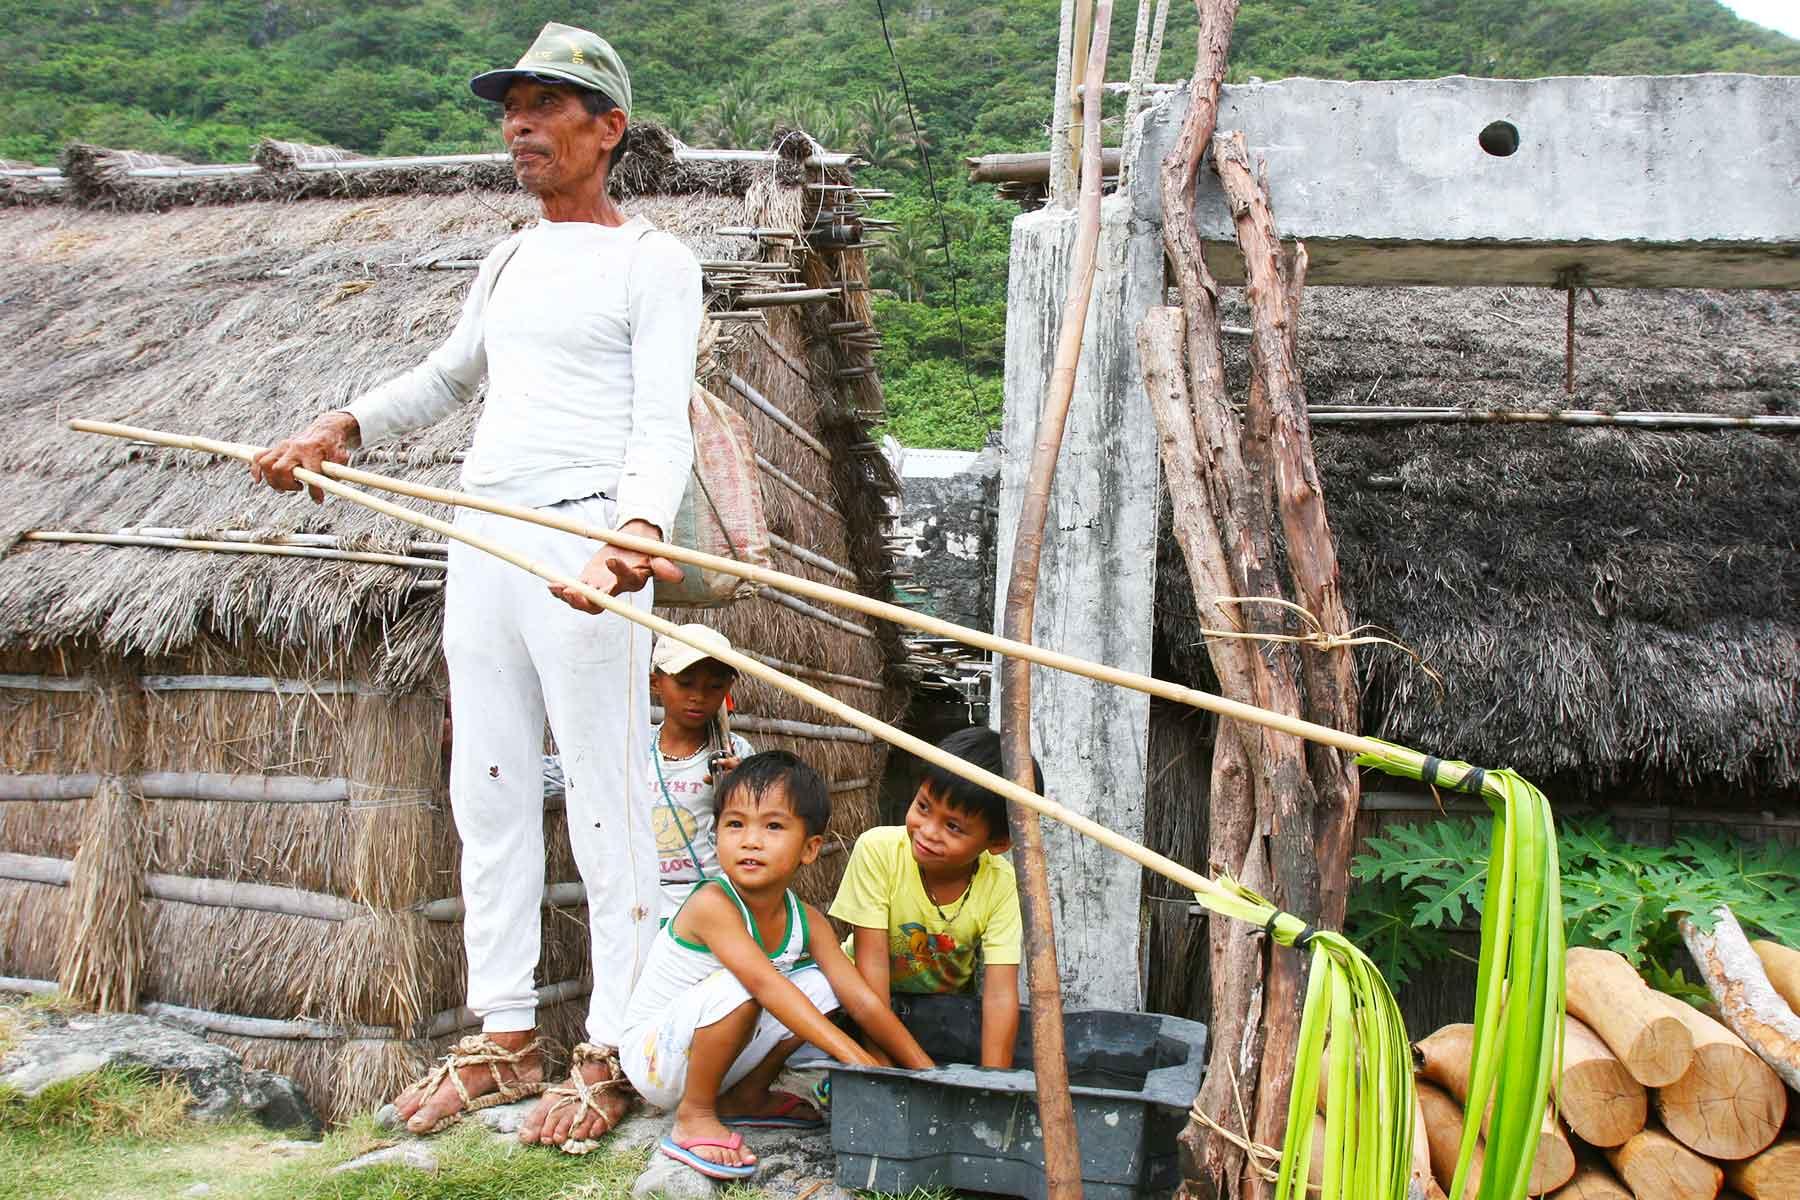 Ivatan Fisherman - Chavayan, Sabtang - Batanes Islands Photo Journal - Dr Steven Andrew Martin - Austronesian Research